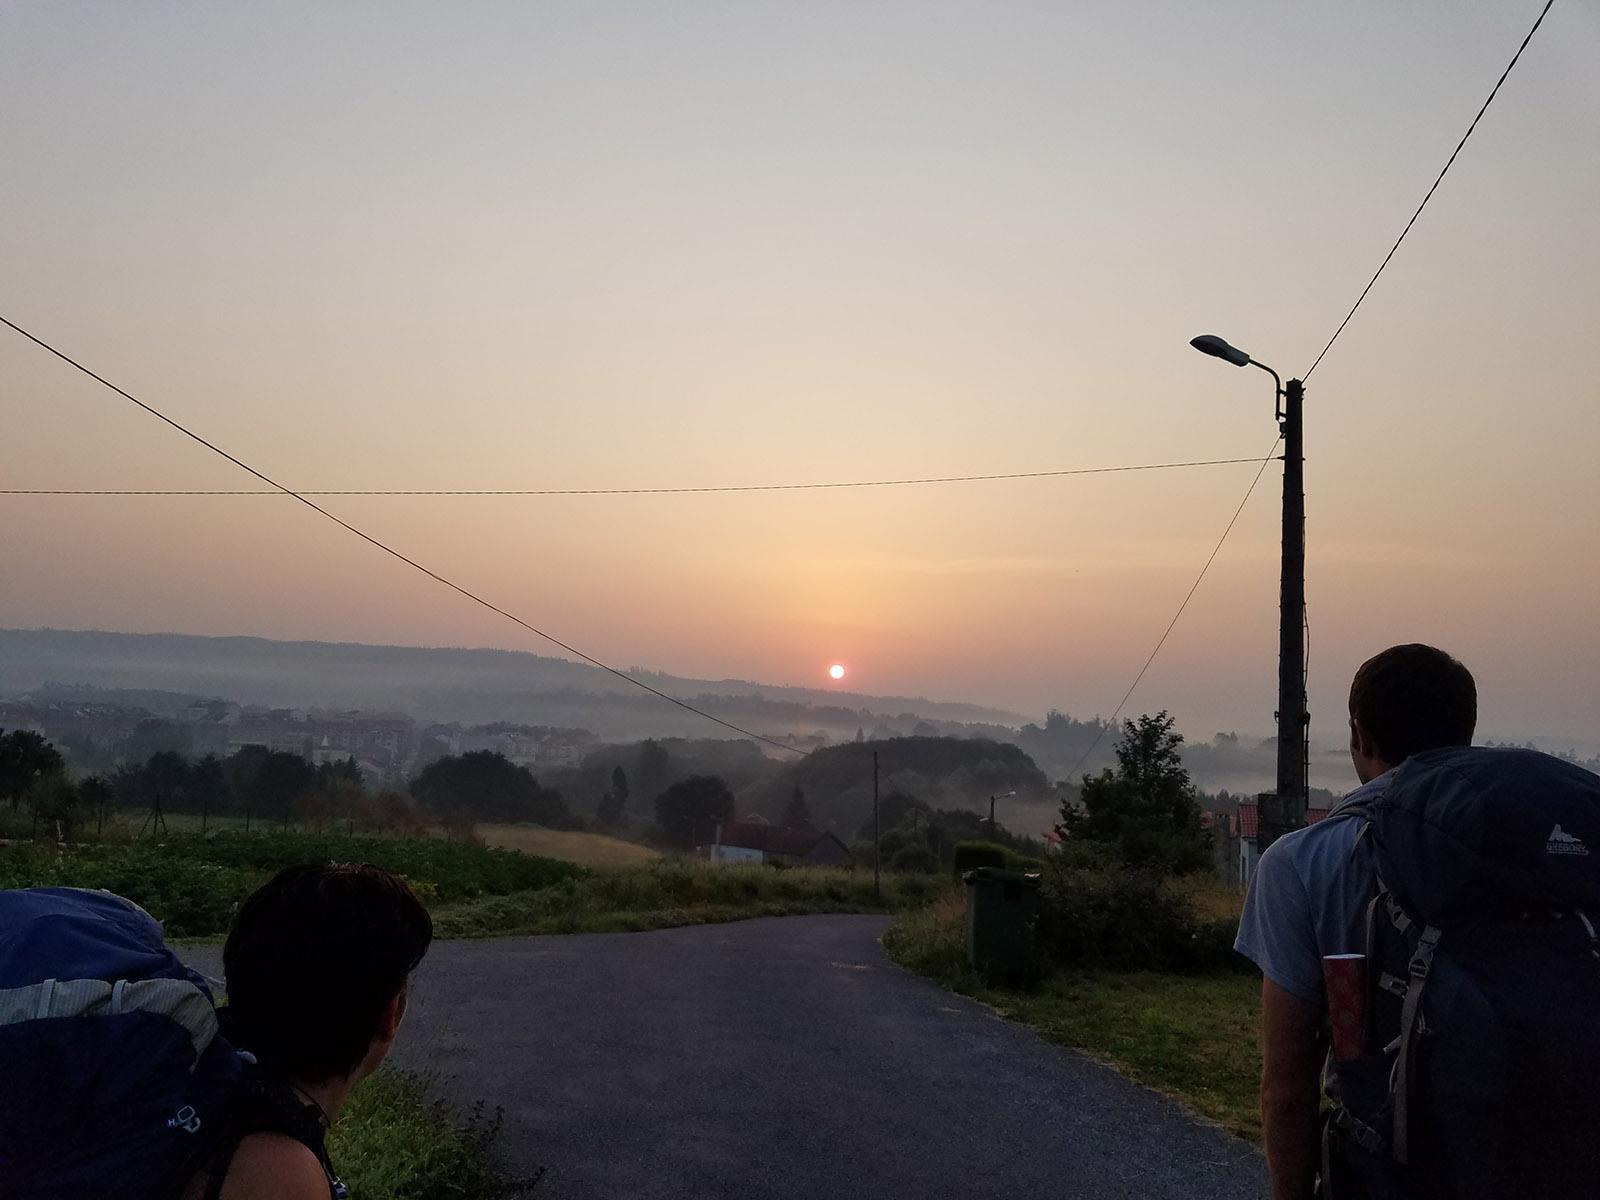 Day 41 – Negreira to Olveiroa